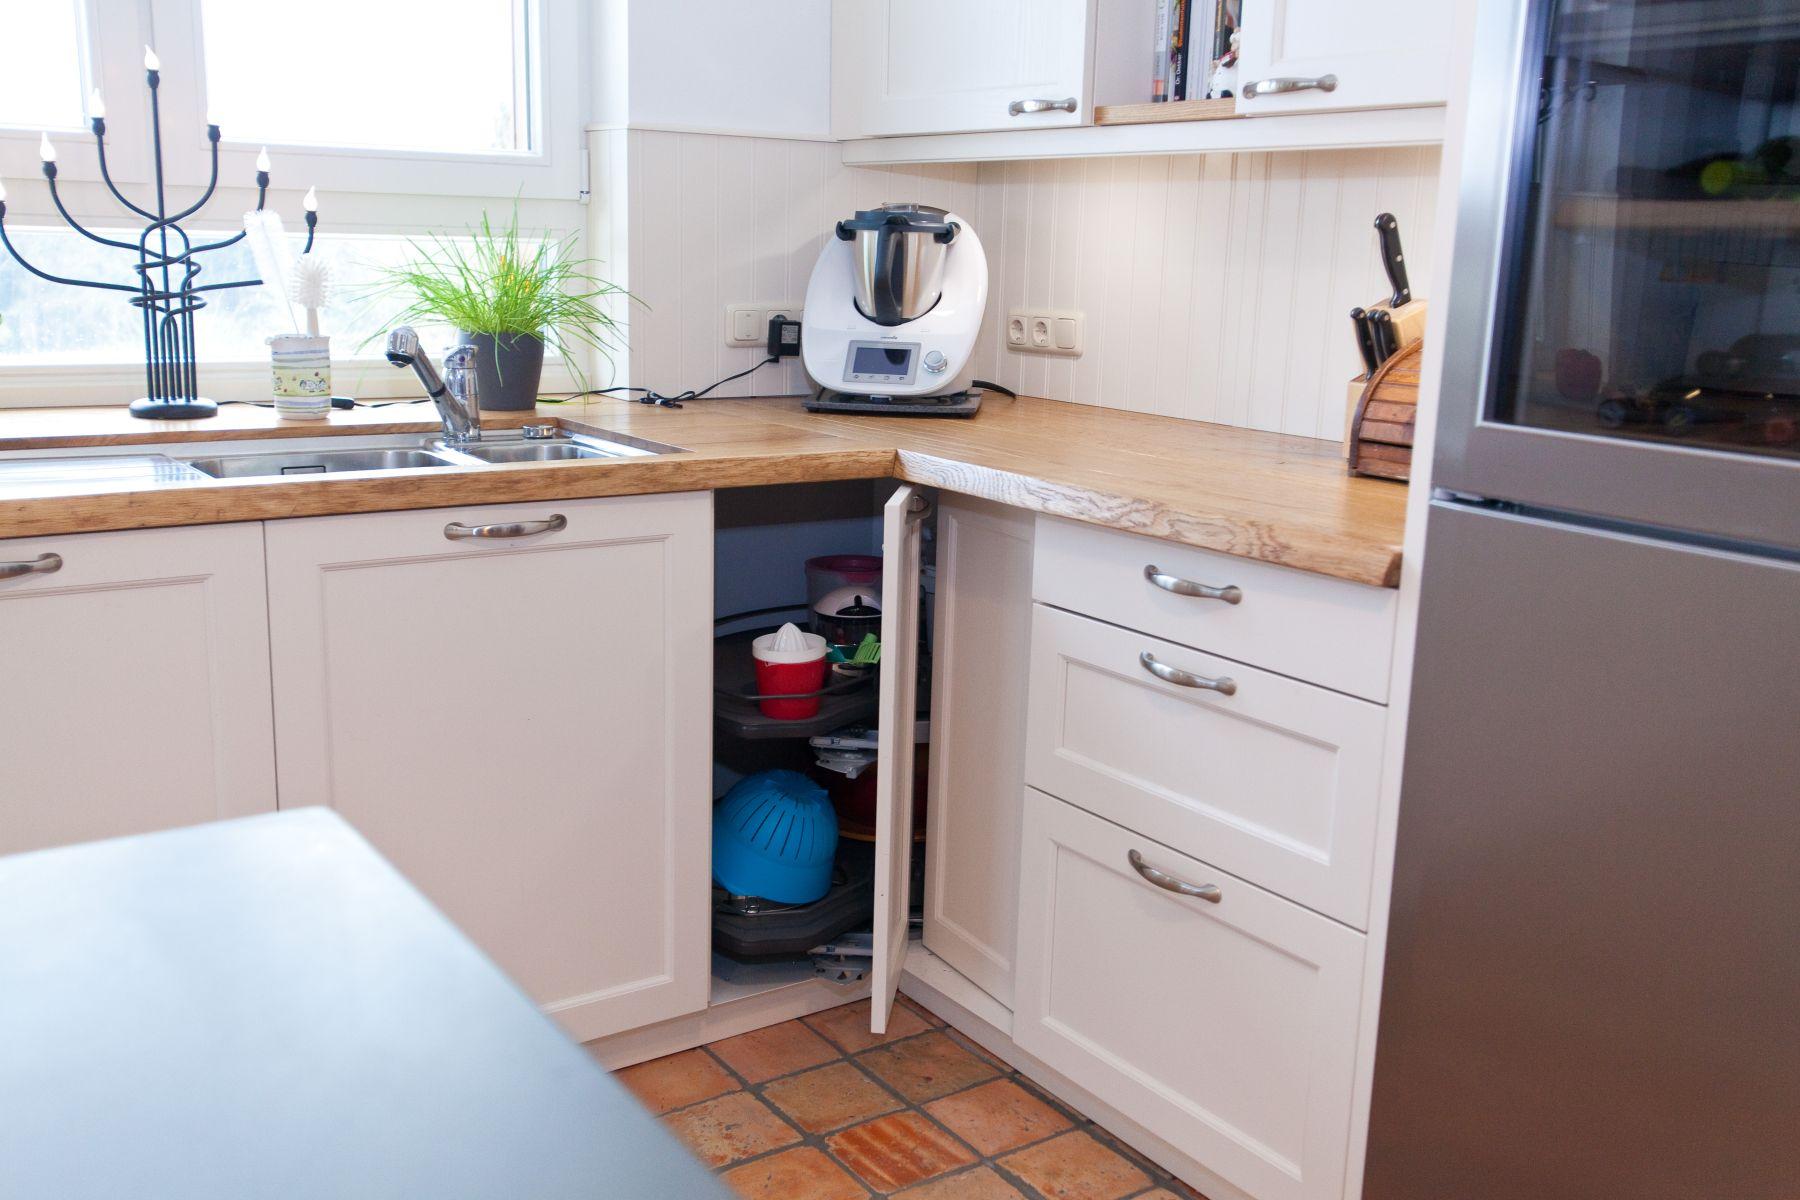 Grosse landhauskuche in weiss mit kuchenblock und grauwacke for Landhausküche weiss